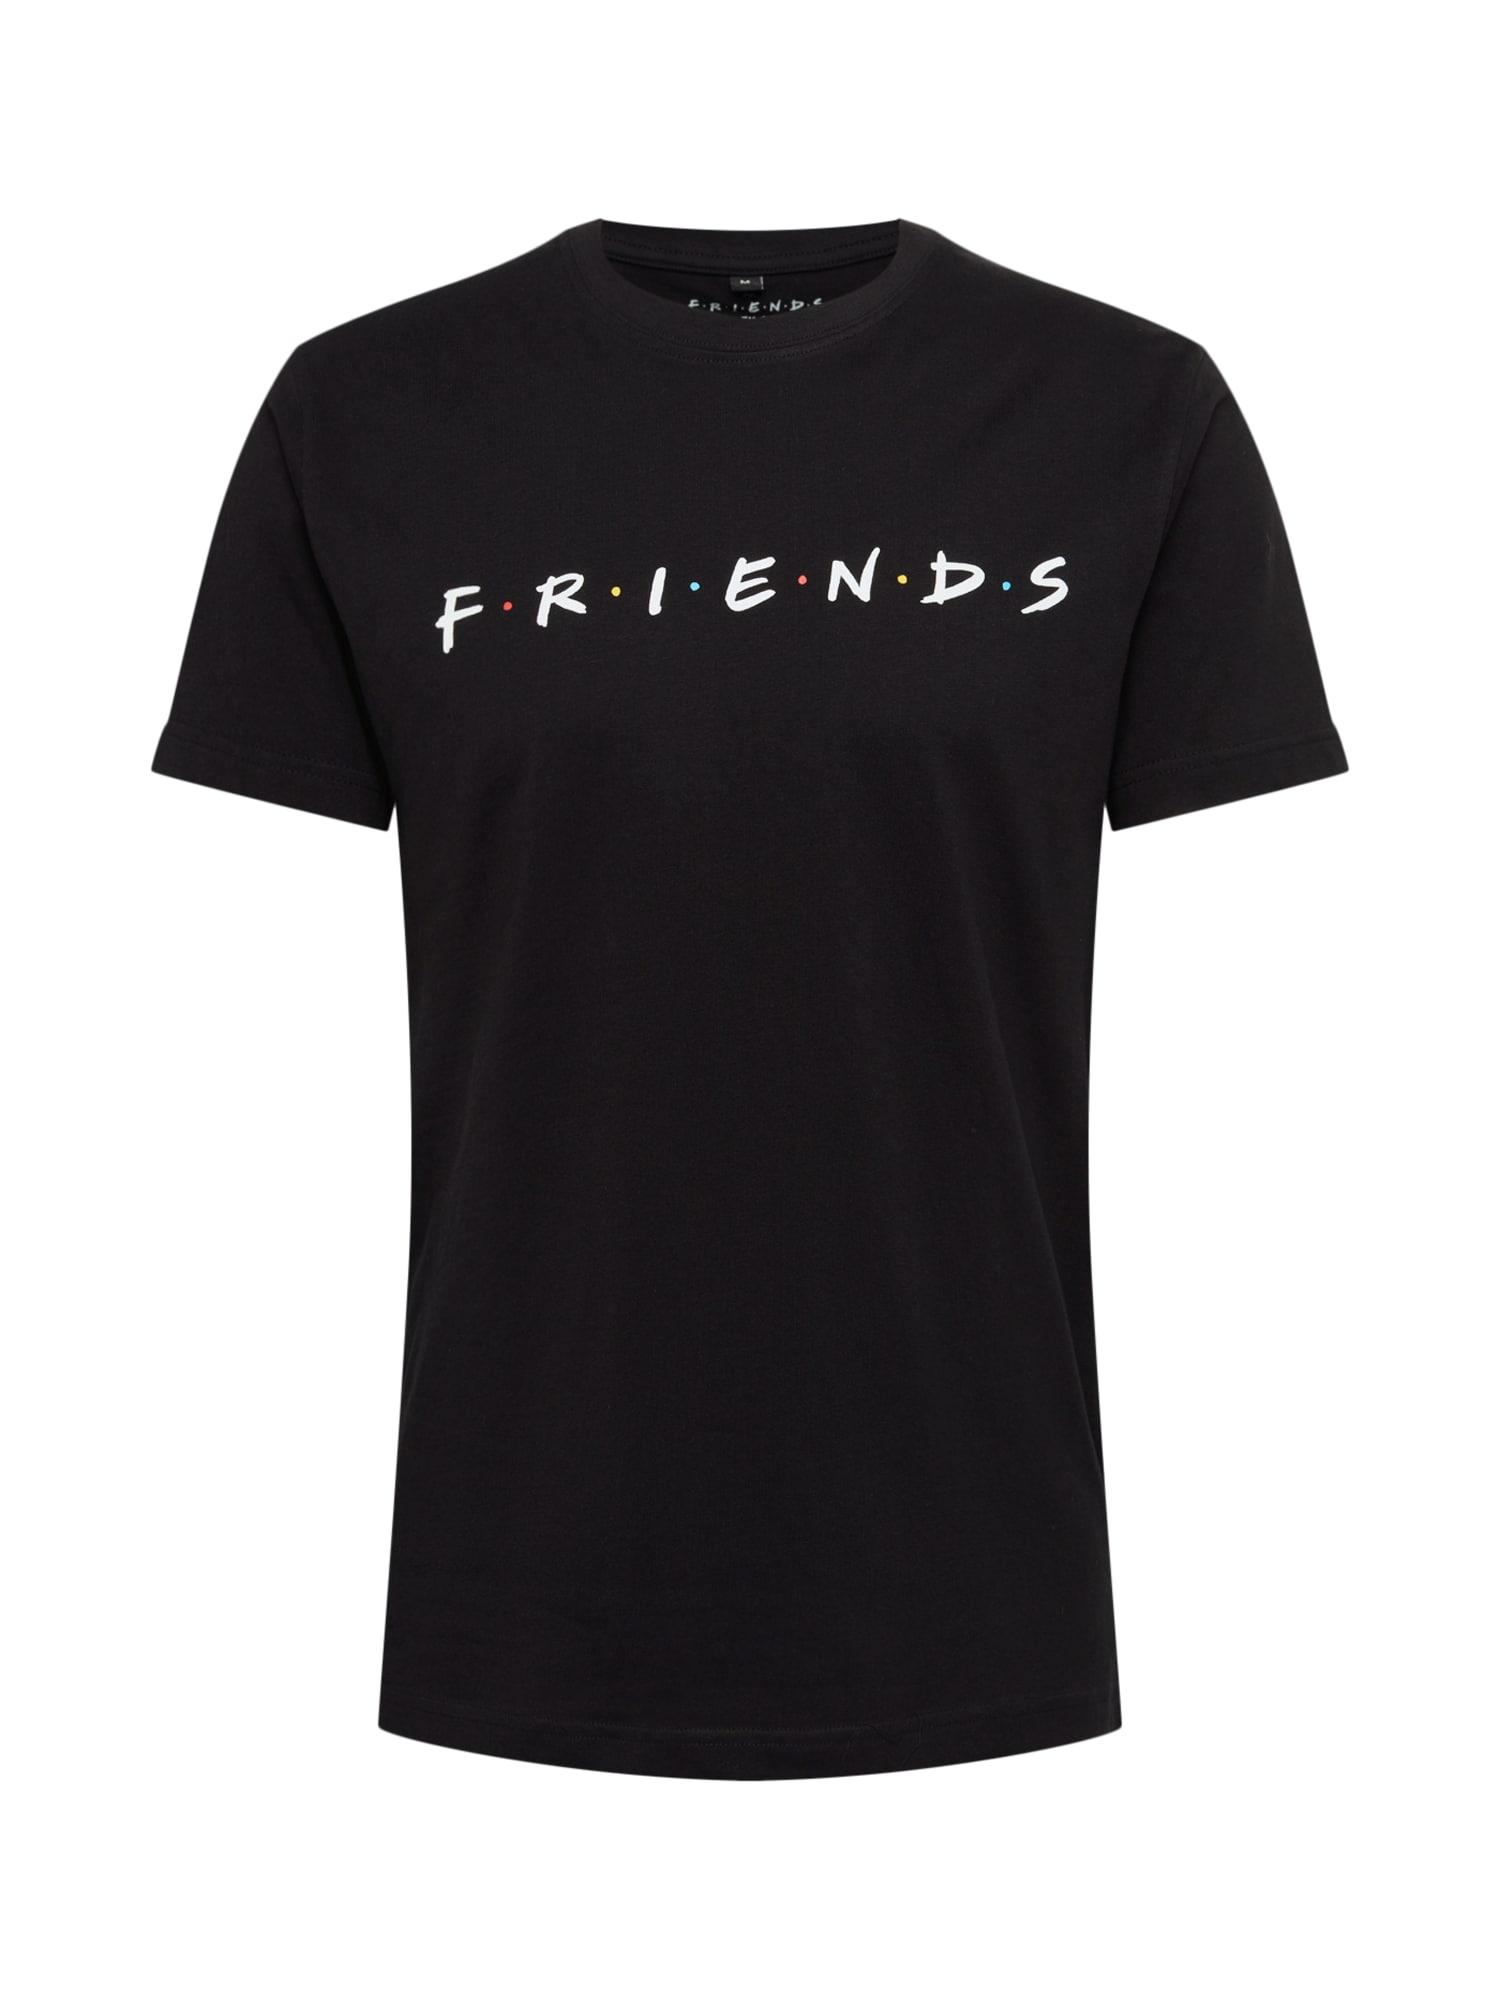 Tričko Friends Logo Tee černá bílá Mister Tee